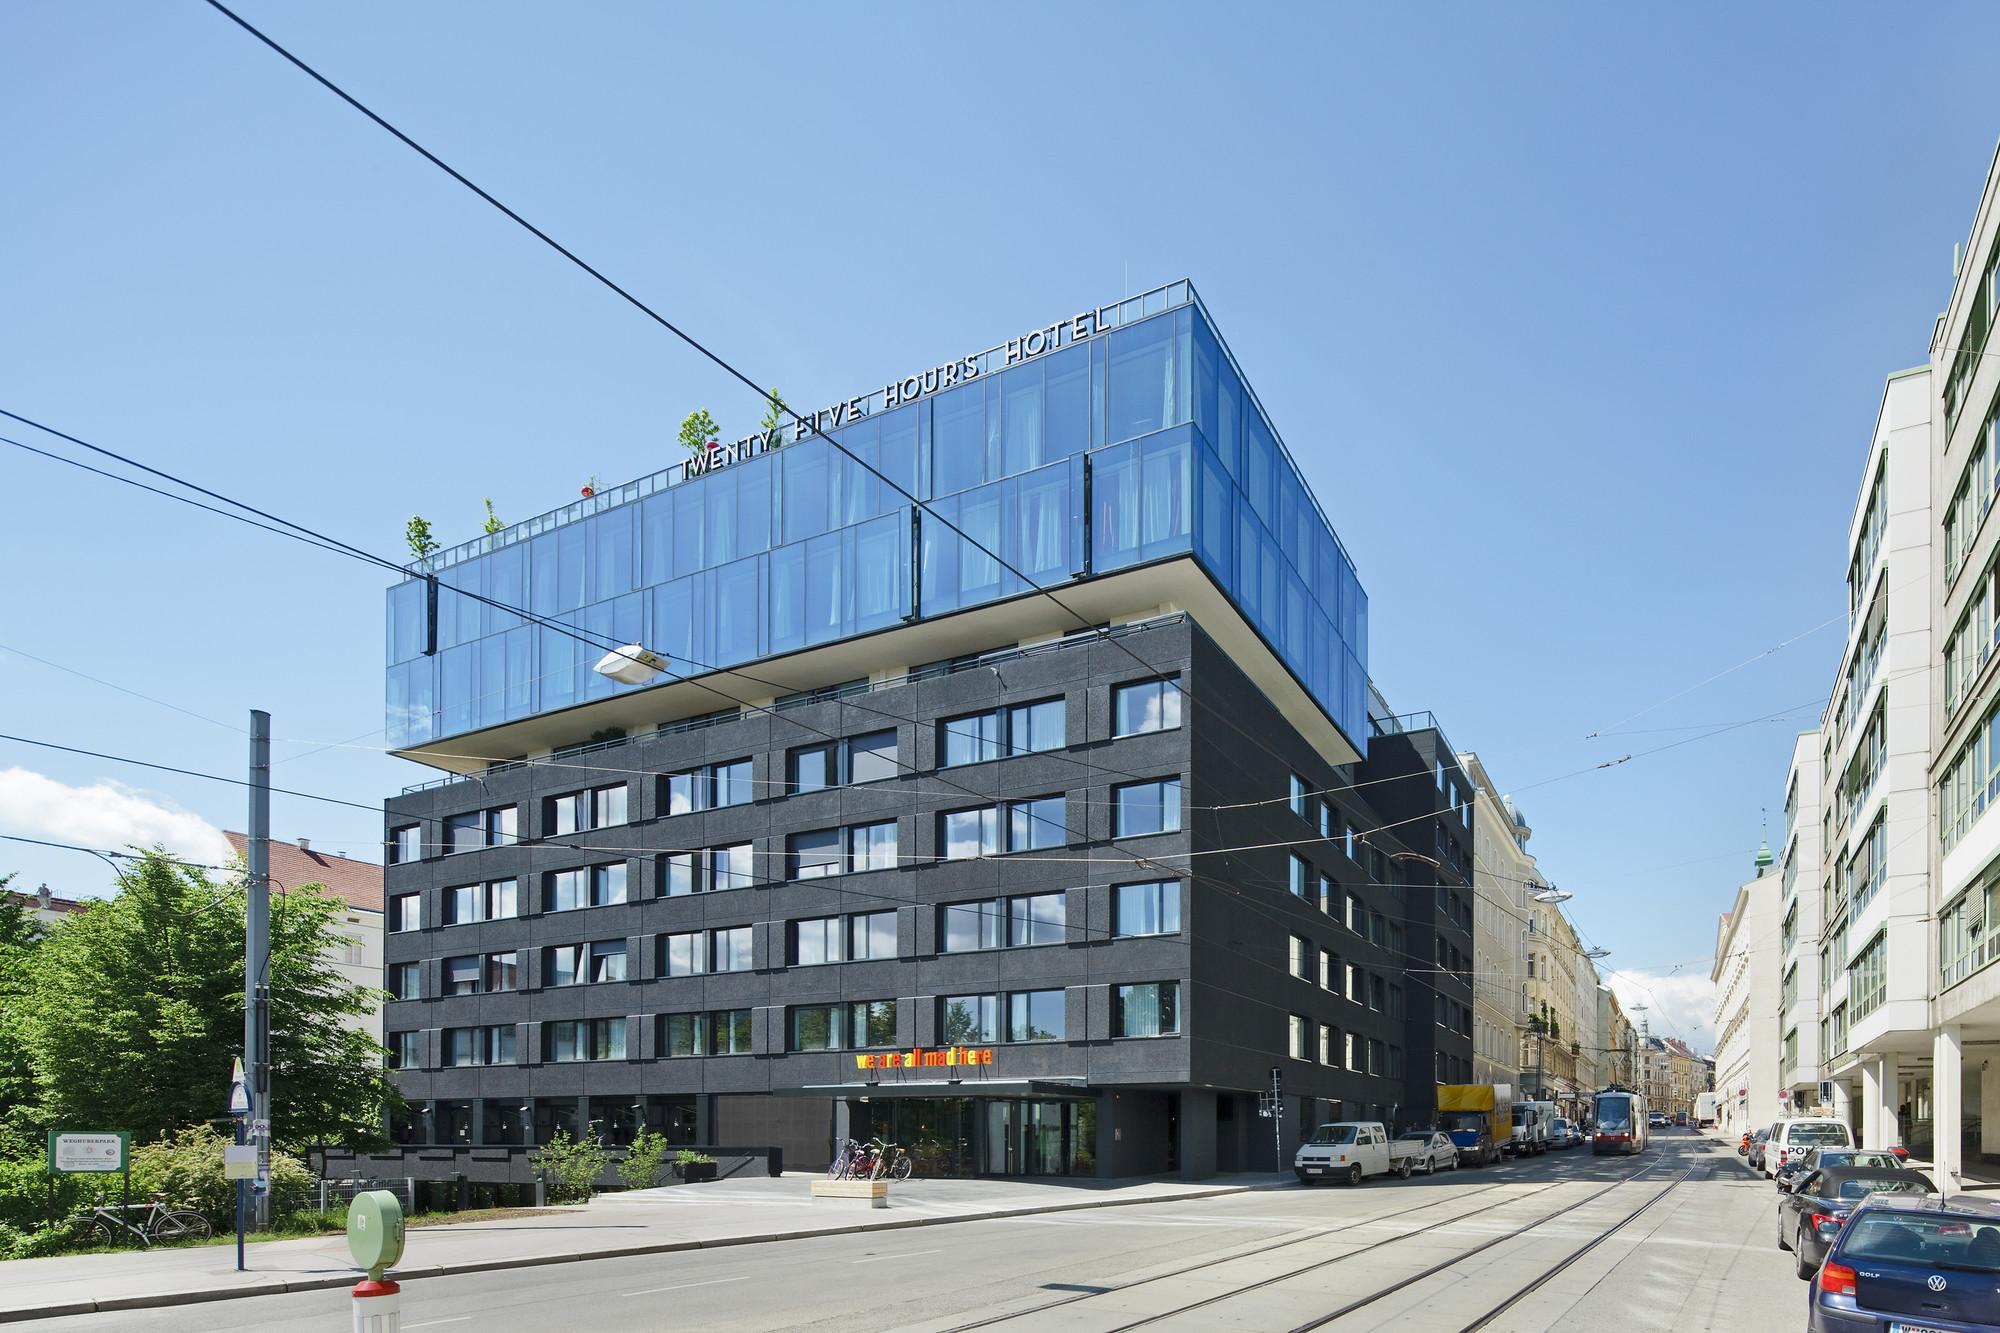 25hours Hotel Vienna Bwm Architekten Archdaily